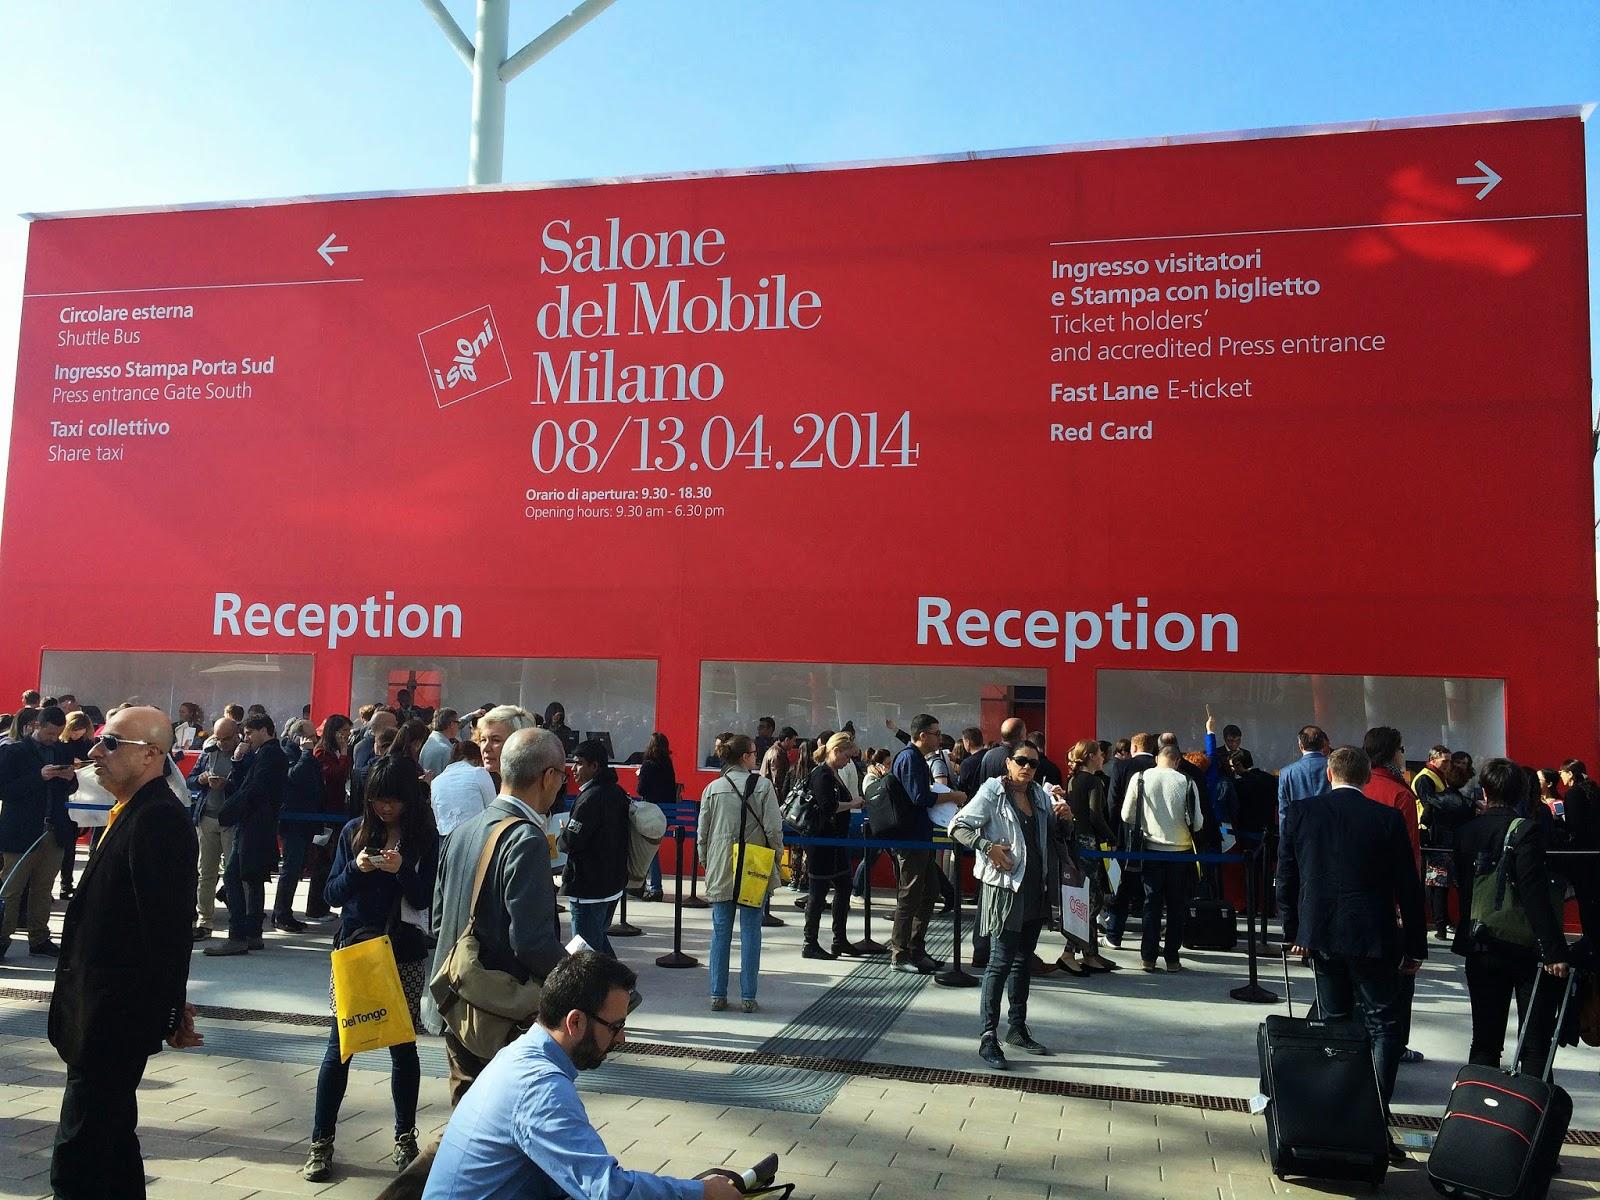 Salone del Mobile 2014 Milán